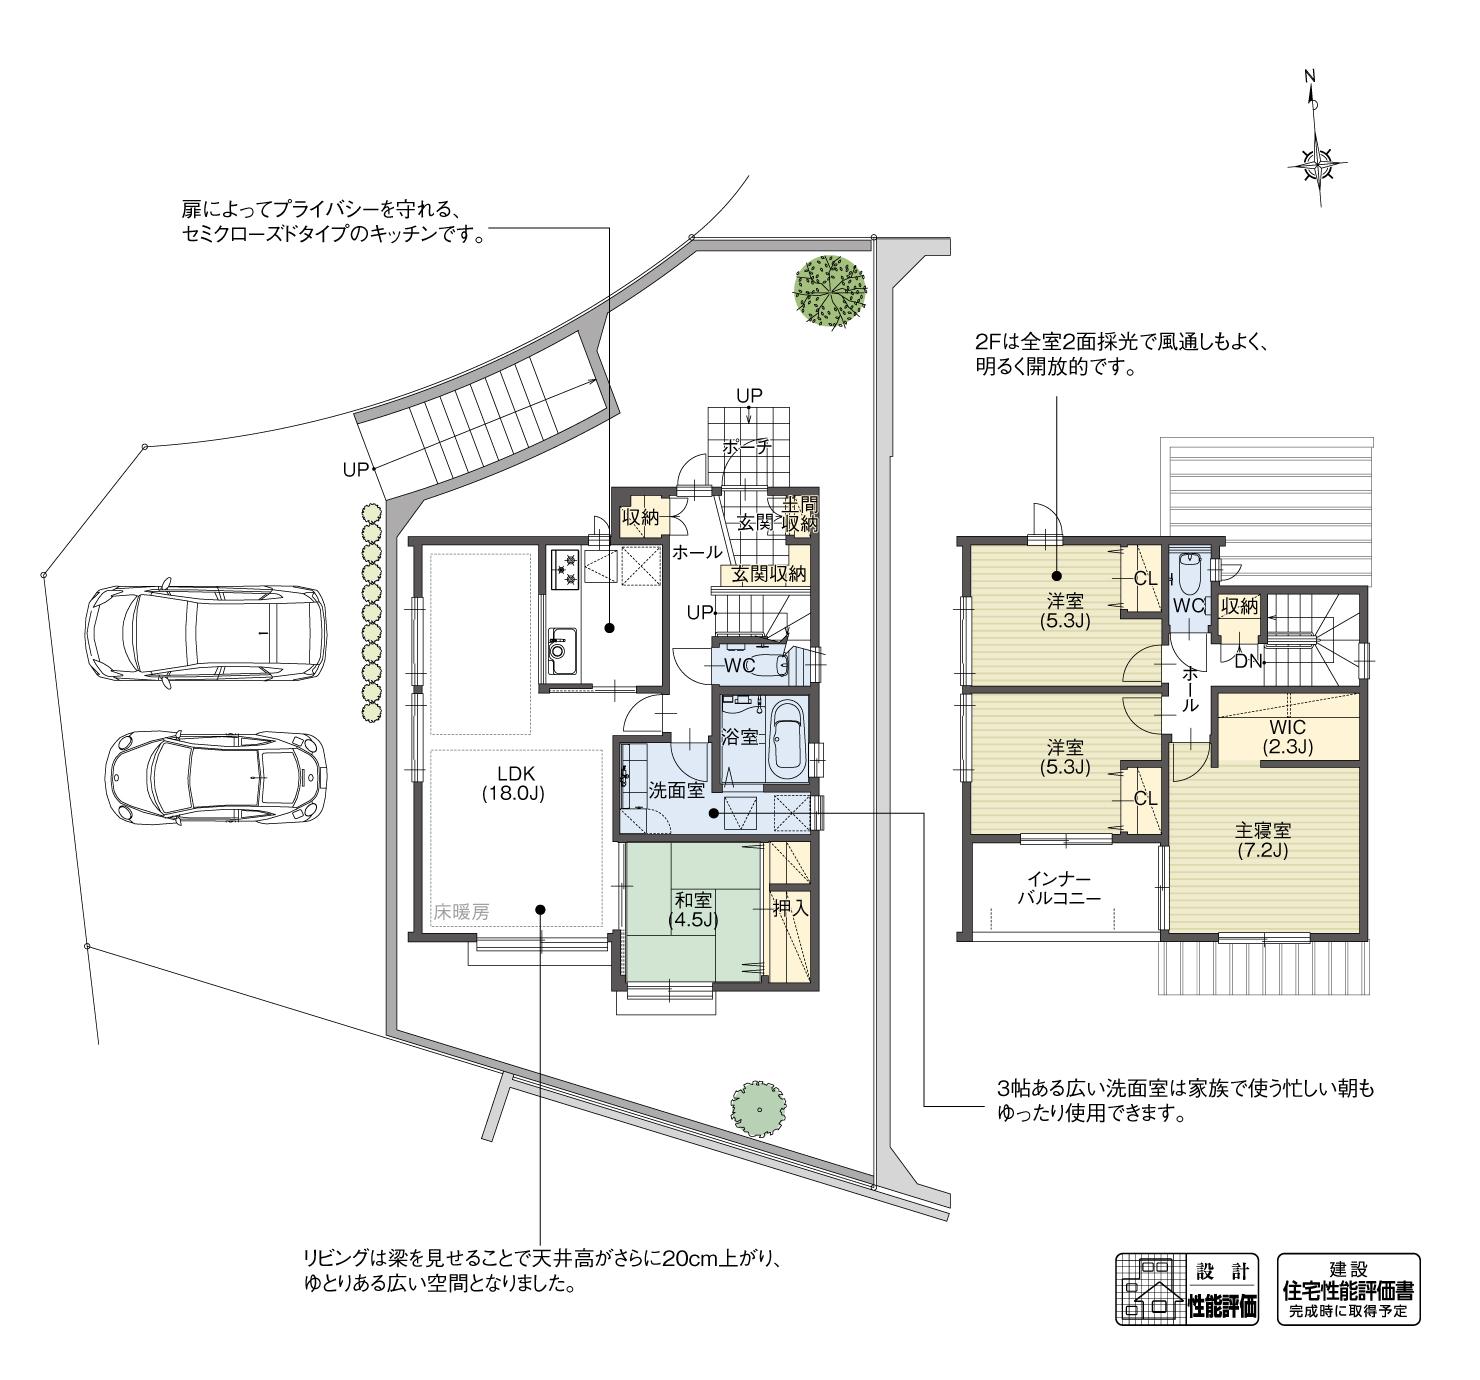 5_間取図_planA-24_CH緑の丘(吉根)